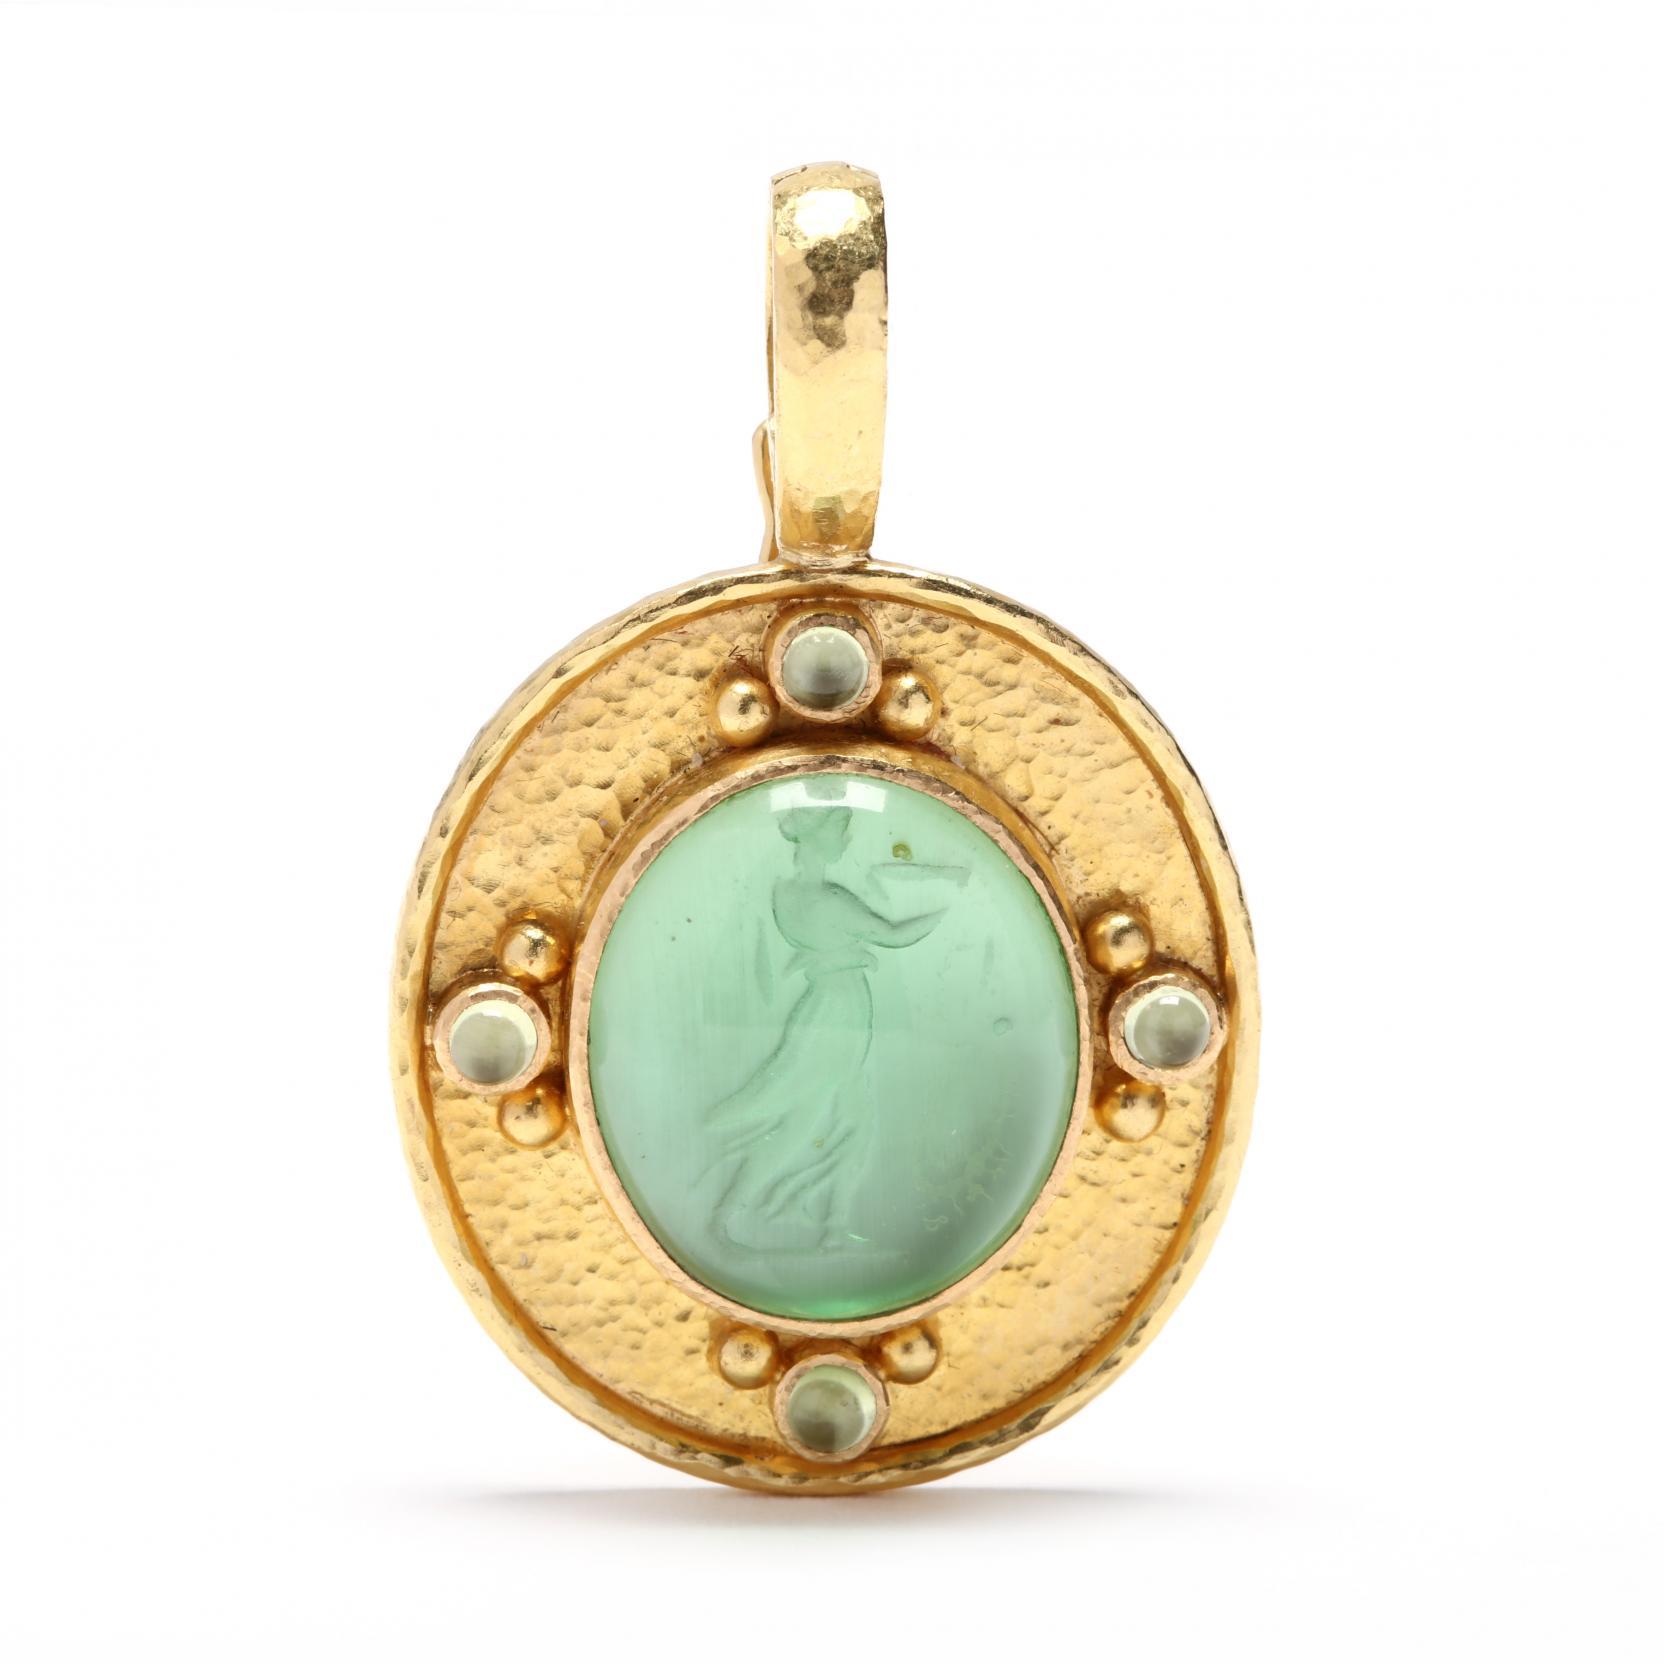 19kt-gold-green-venetian-glass-intaglio-pendant-elizabeth-locke